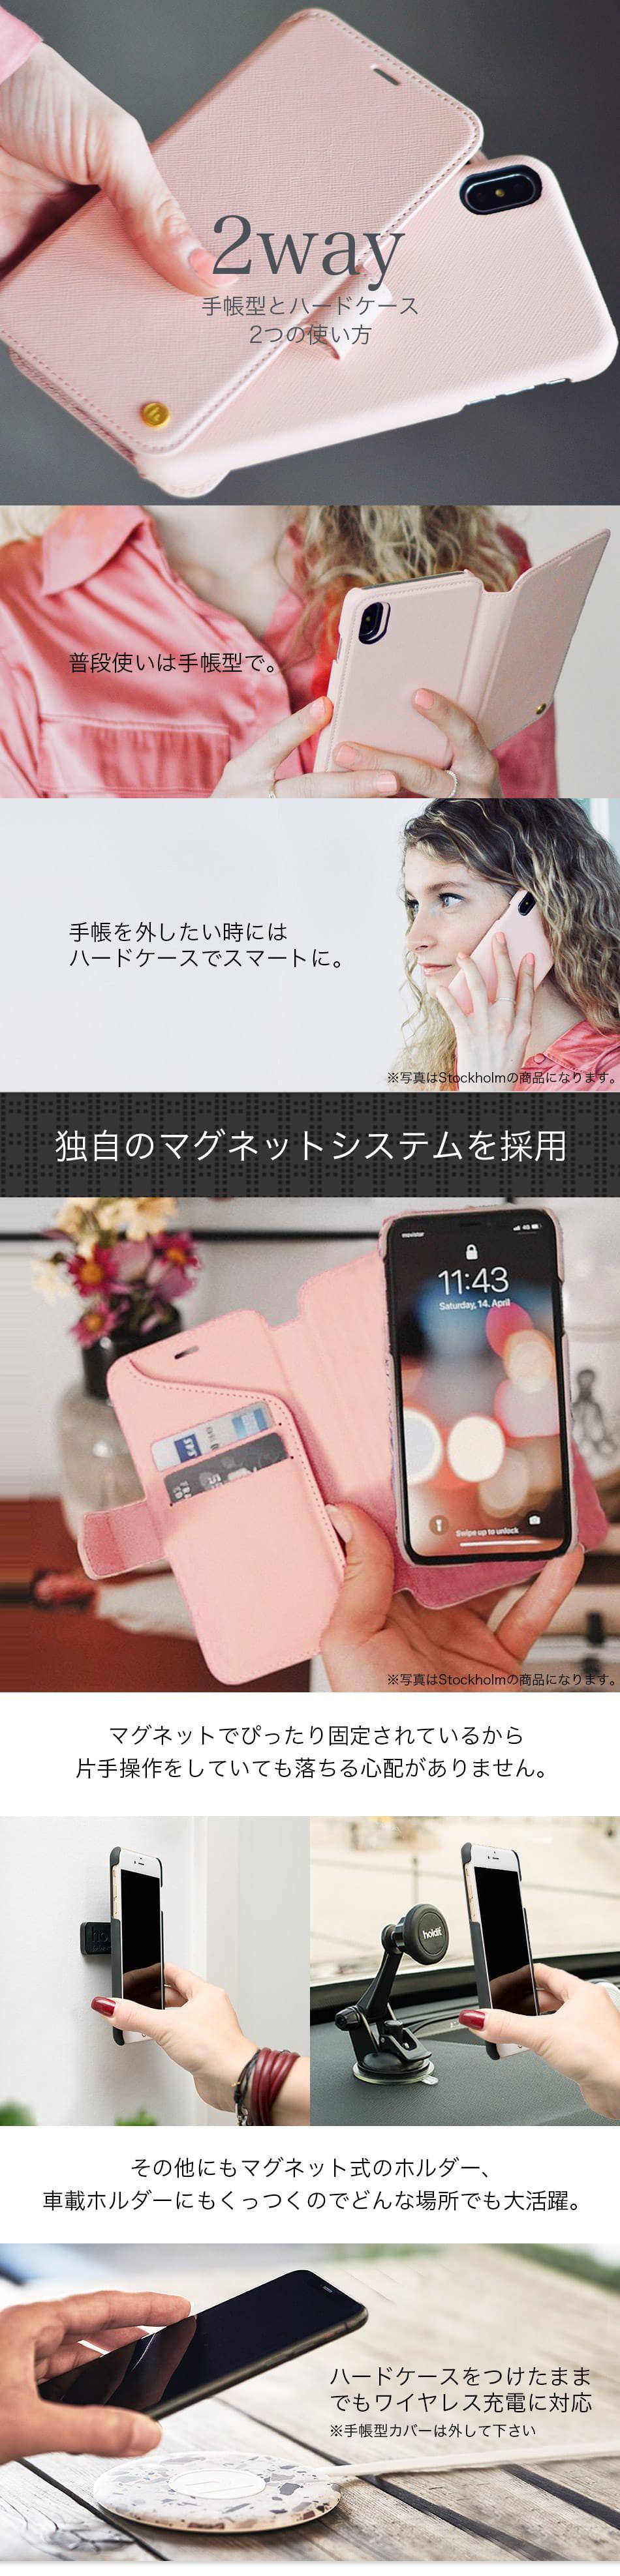 iPhone ケース 手帳型 大人女子 大人可愛い ブランド 北欧  holdit2